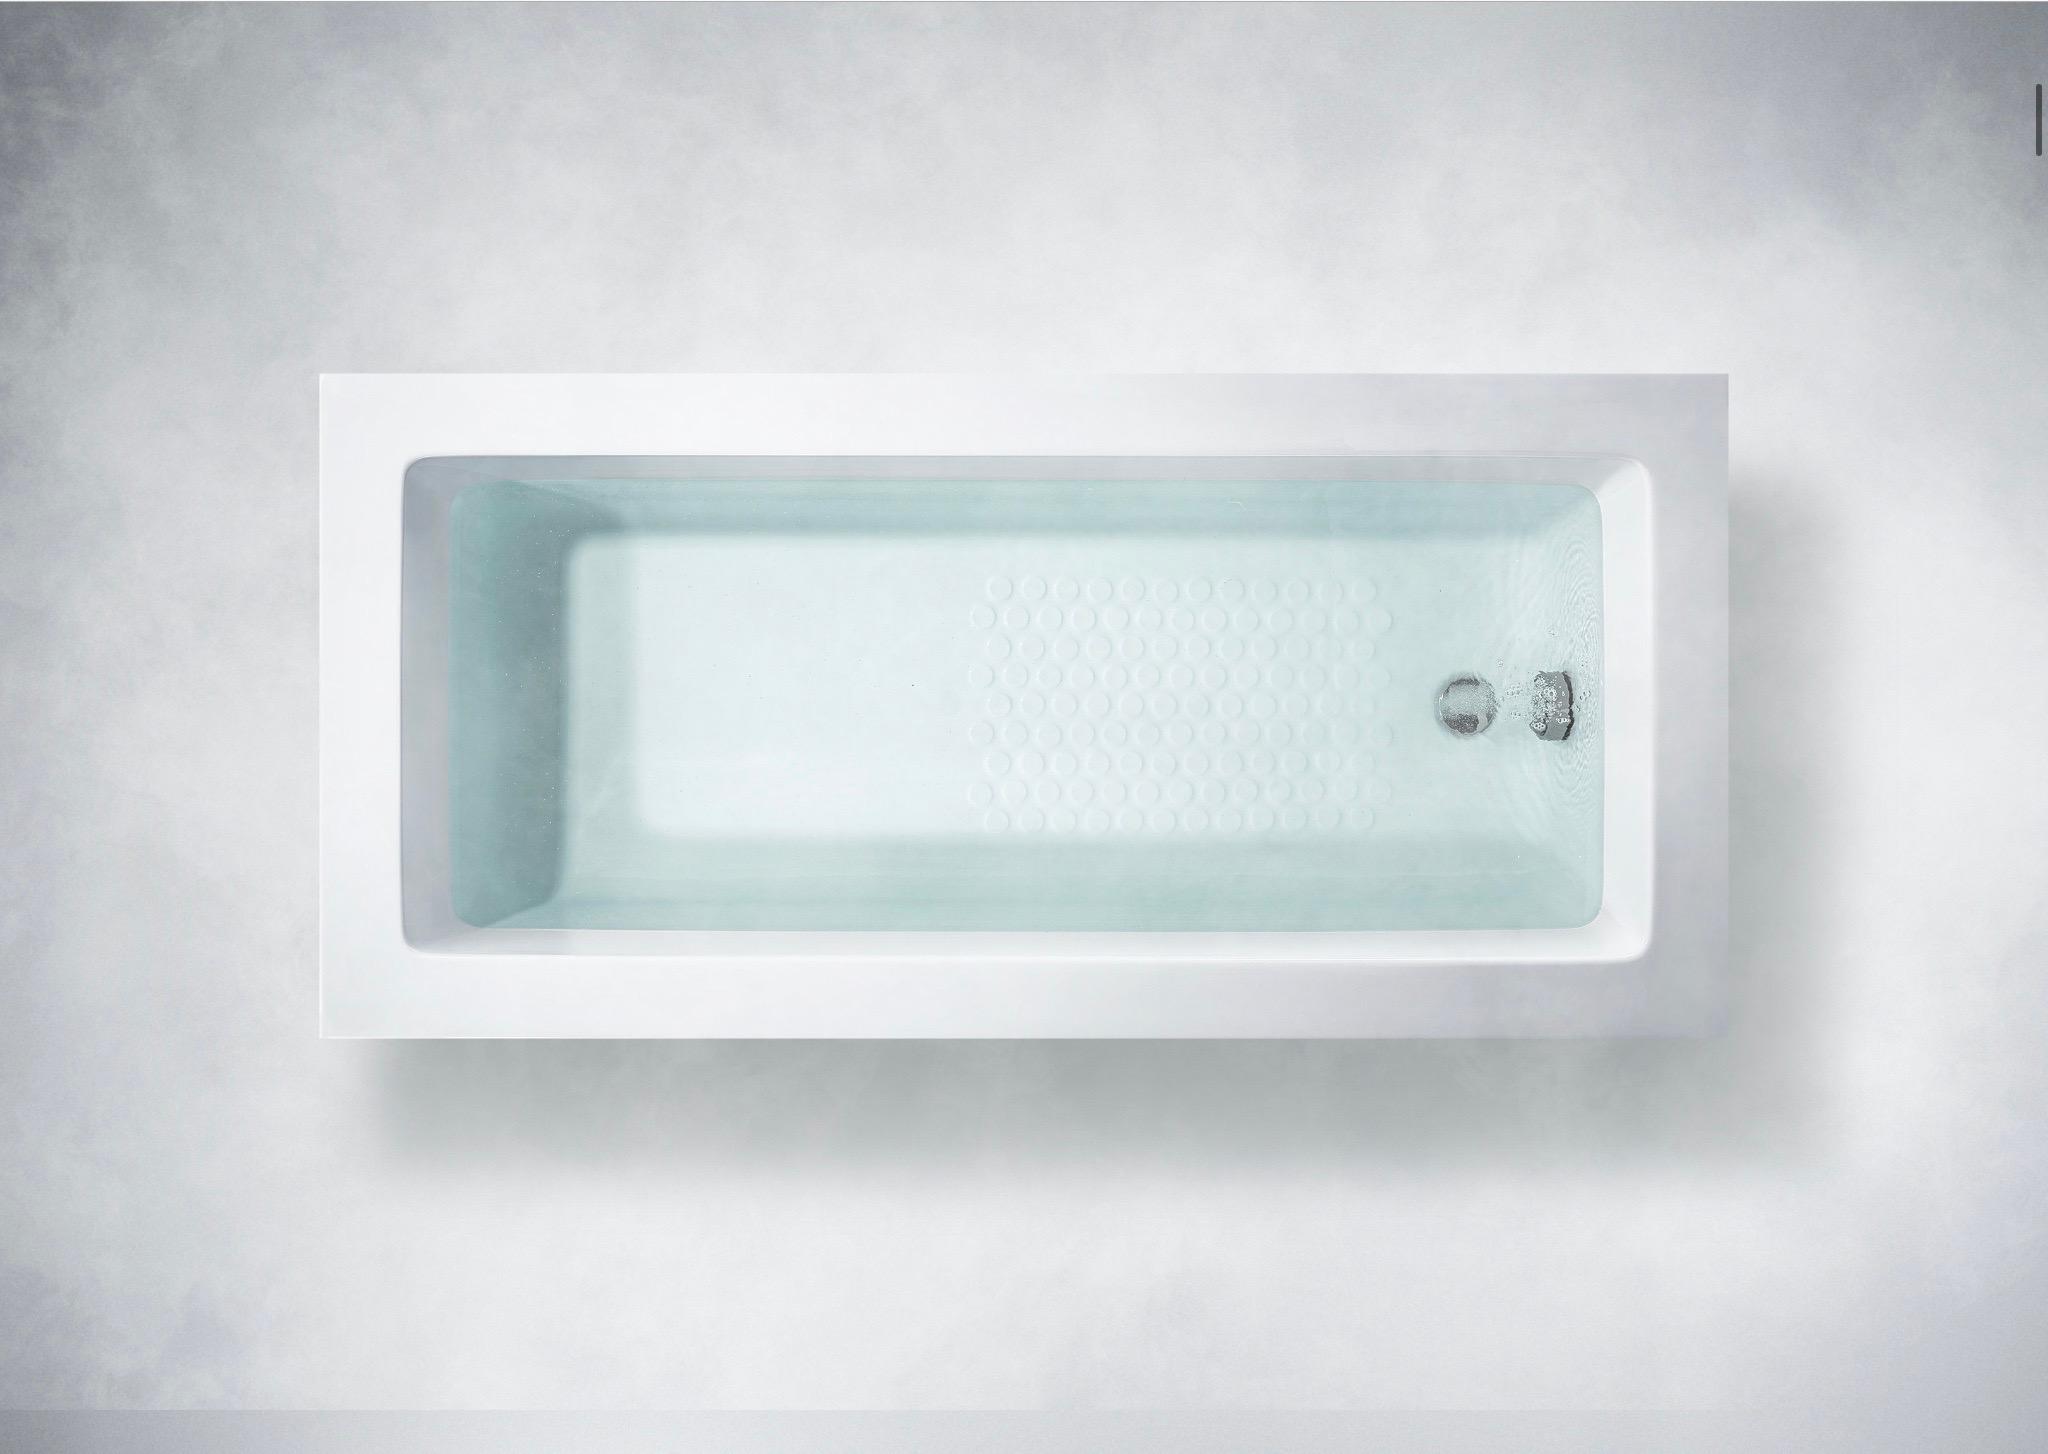 リンナイMicro Bubble Bath Unitについて その2